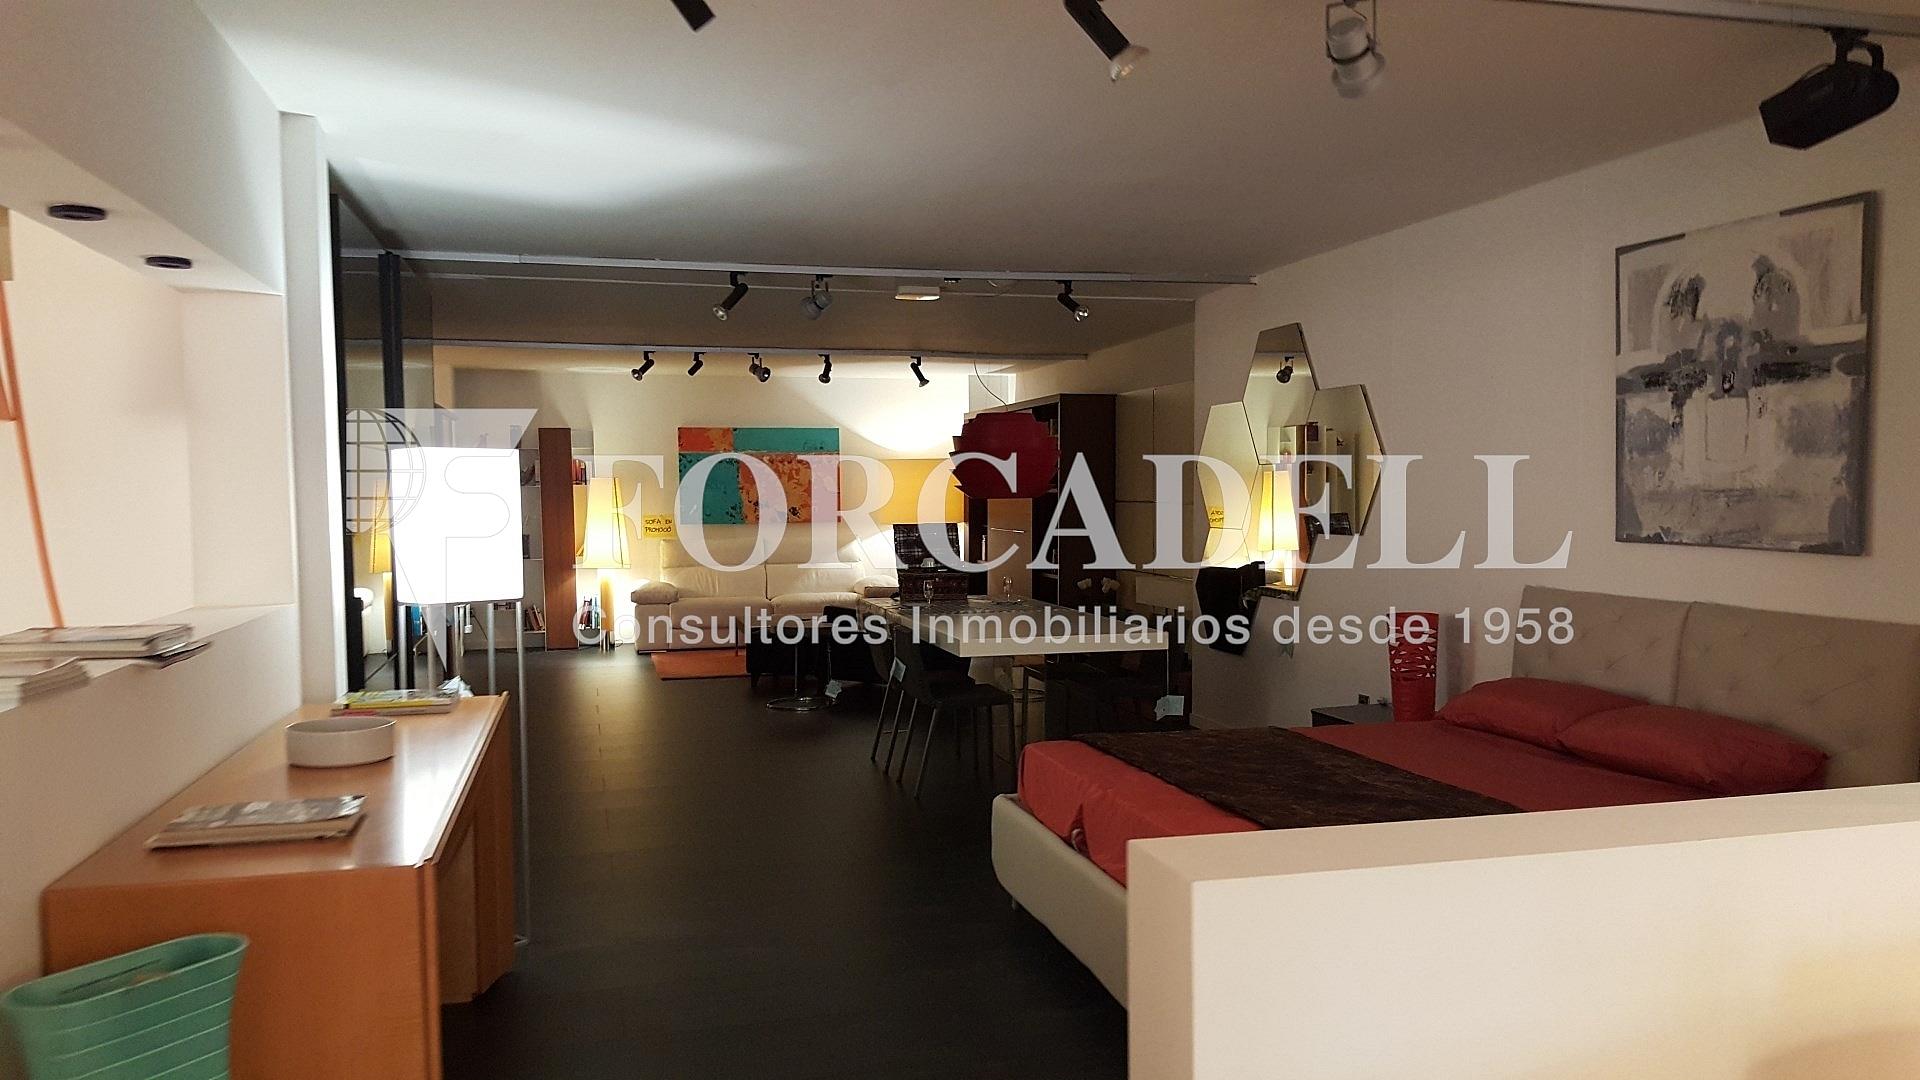 20151019_140325 - Local comercial en alquiler en Cornellà de Llobregat - 261862351